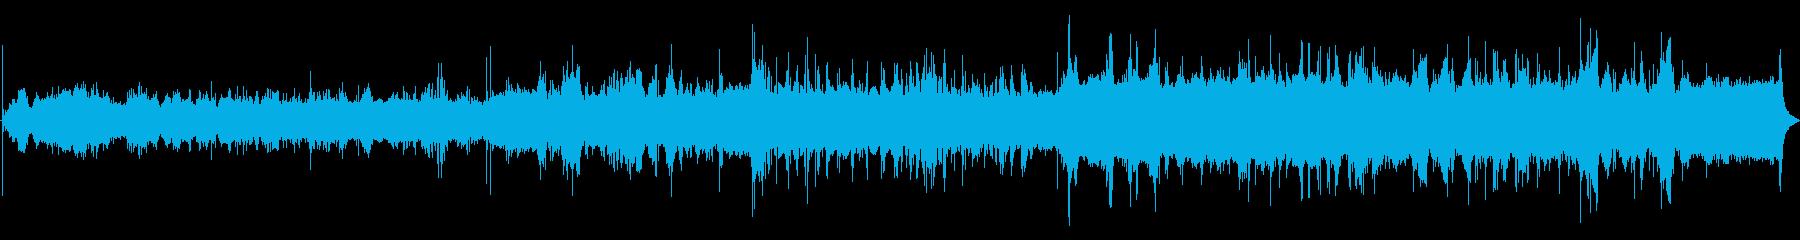 電動ハンドミキサー:金属製のボウル...の再生済みの波形